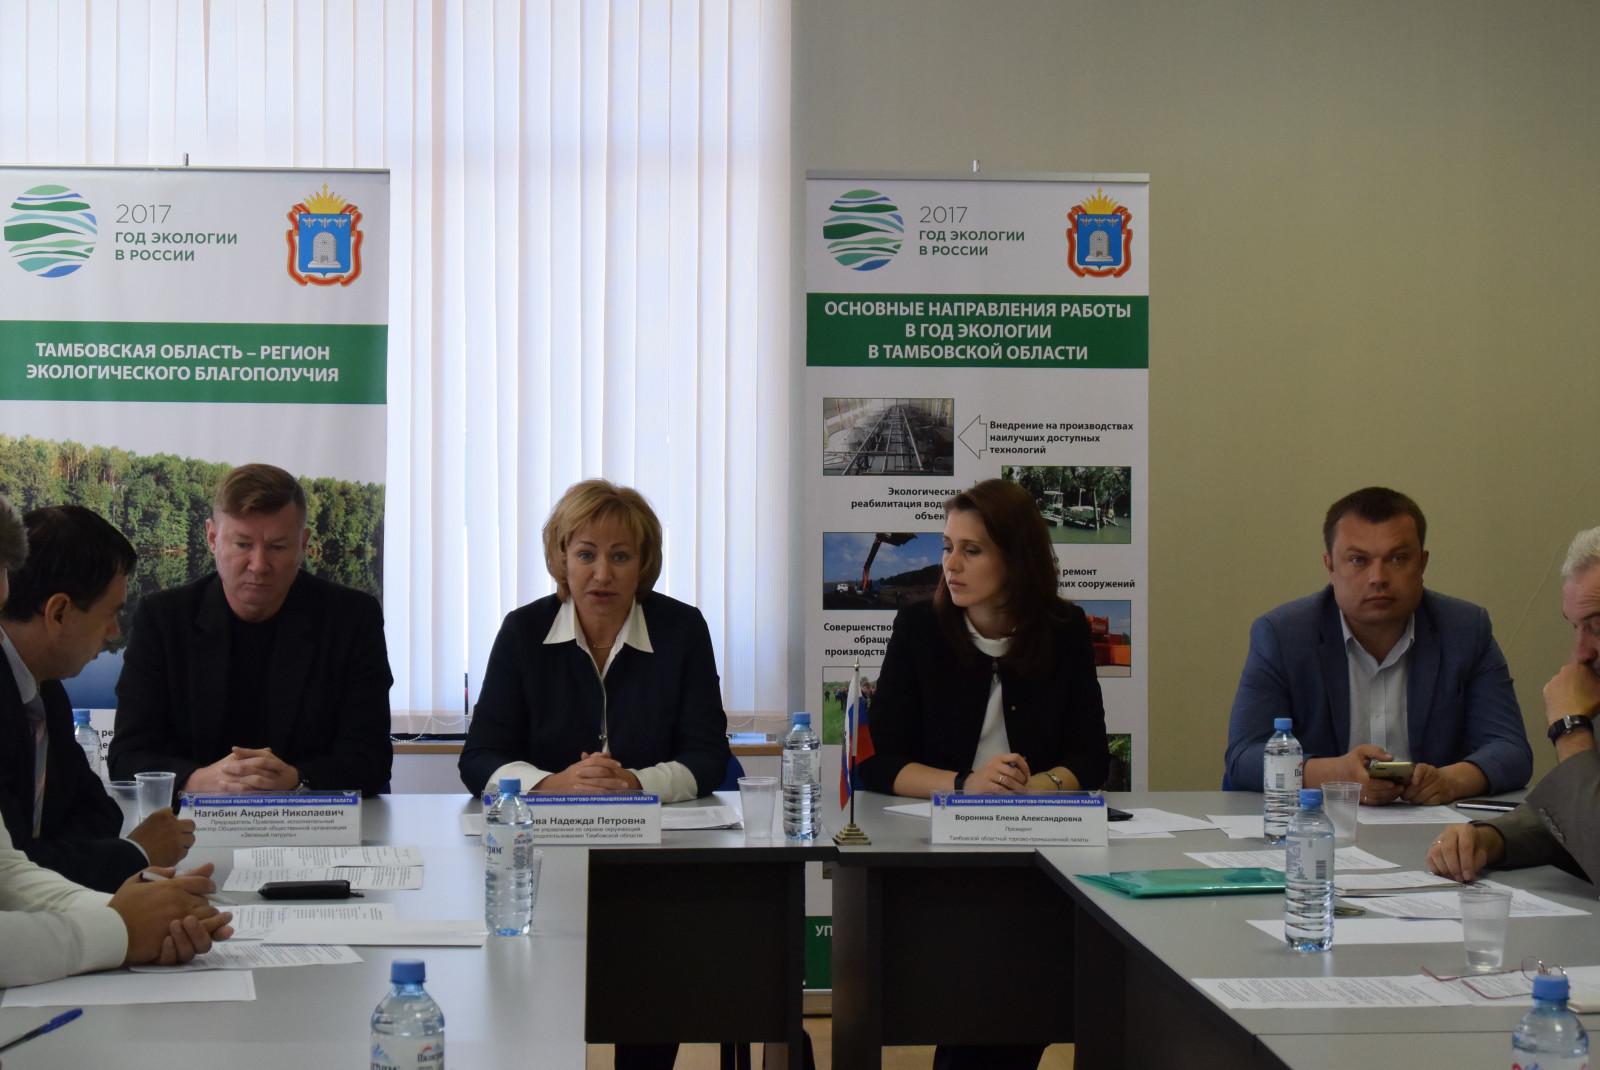 В Тамбове обсудили вопросы сотрудничества предпринимательского и экологического сообществ